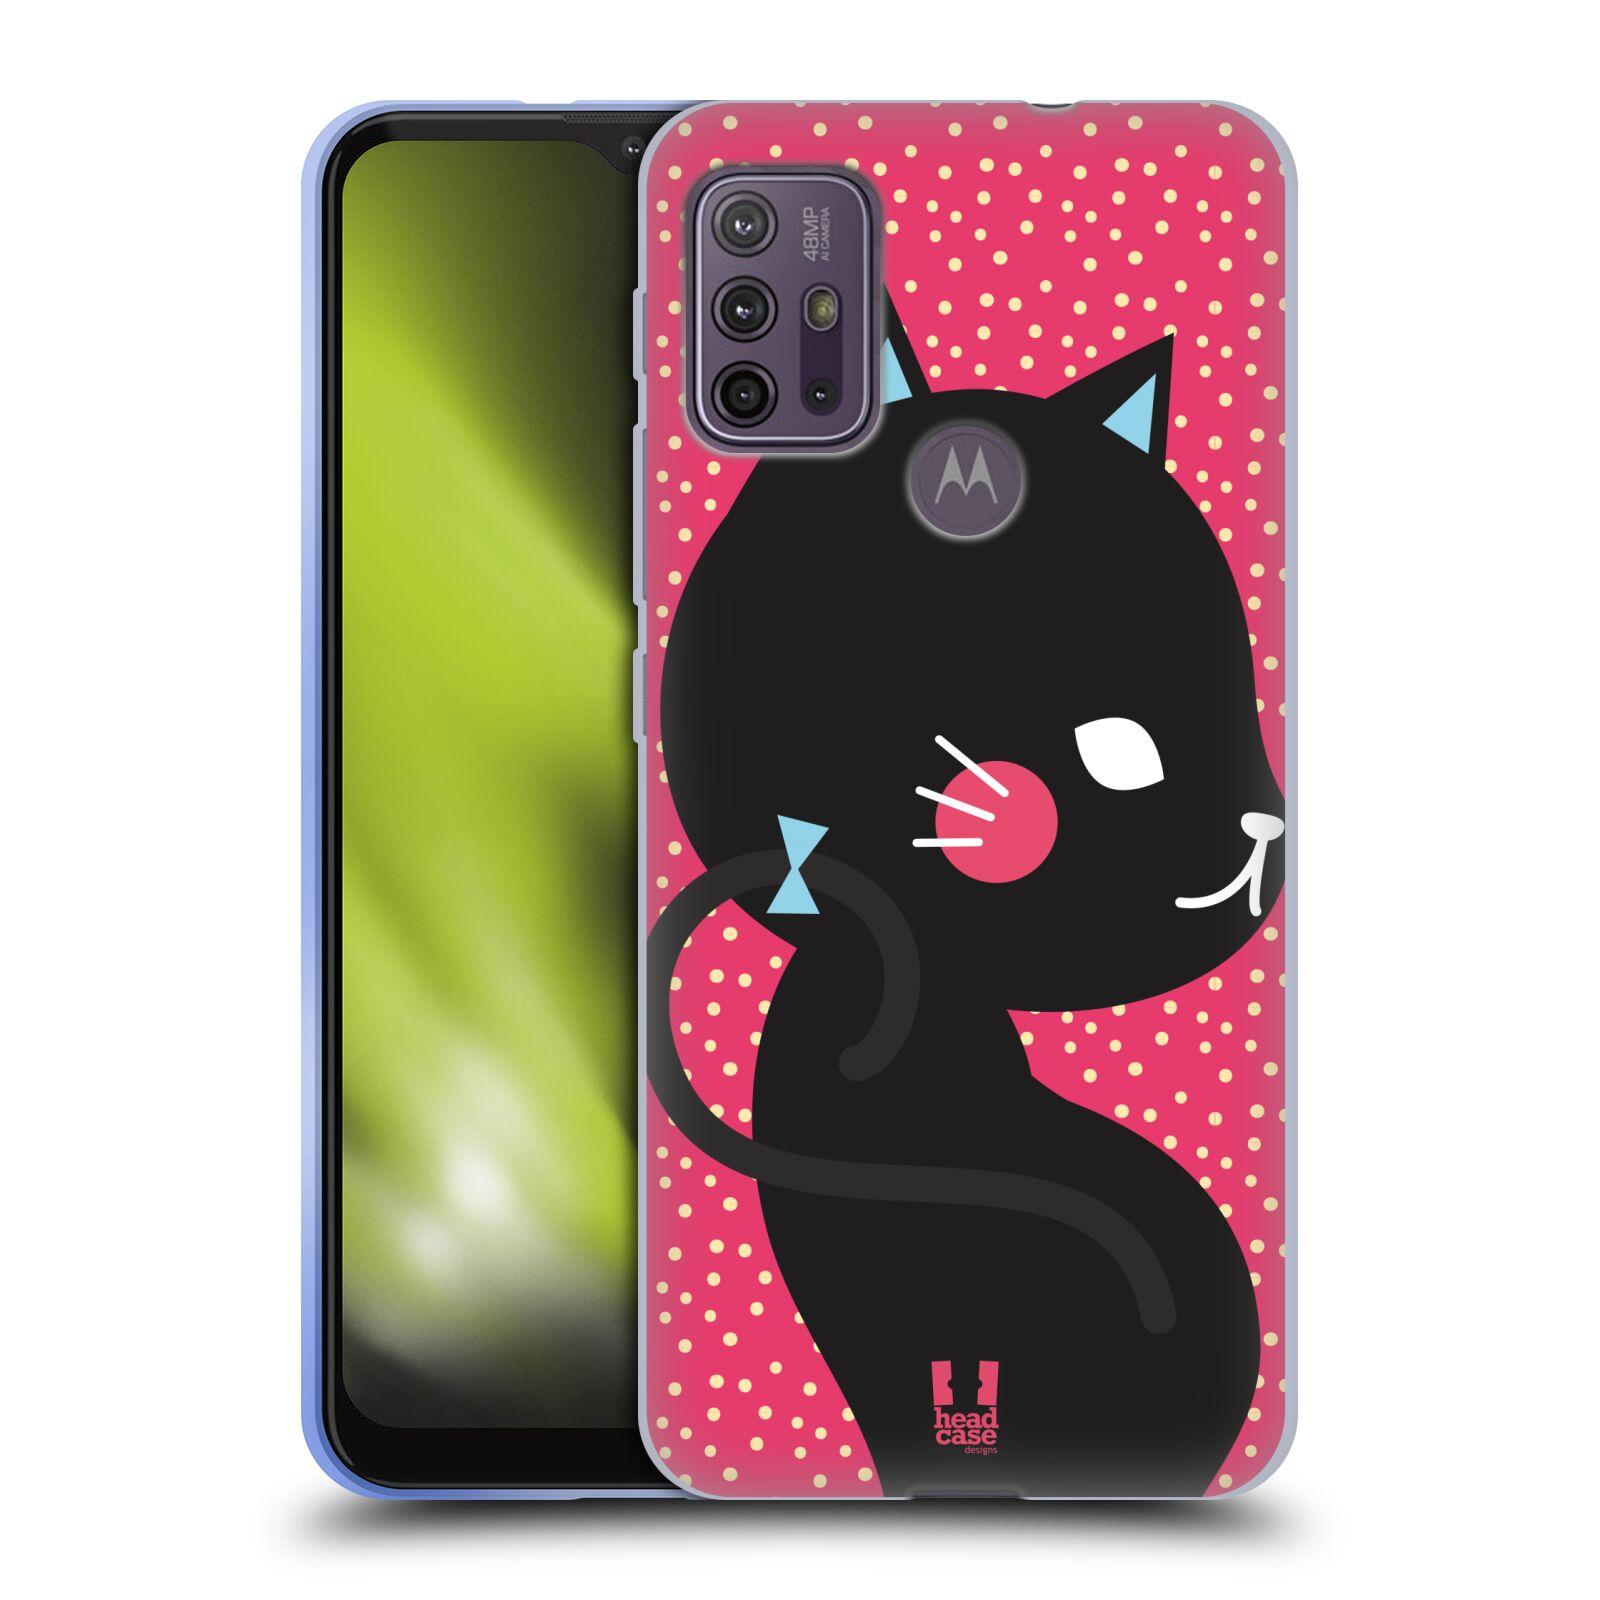 Silikonové pouzdro na mobil Motorola Moto G10 / G30 - Head Case - KOČIČKA Černá NA RŮŽOVÉ